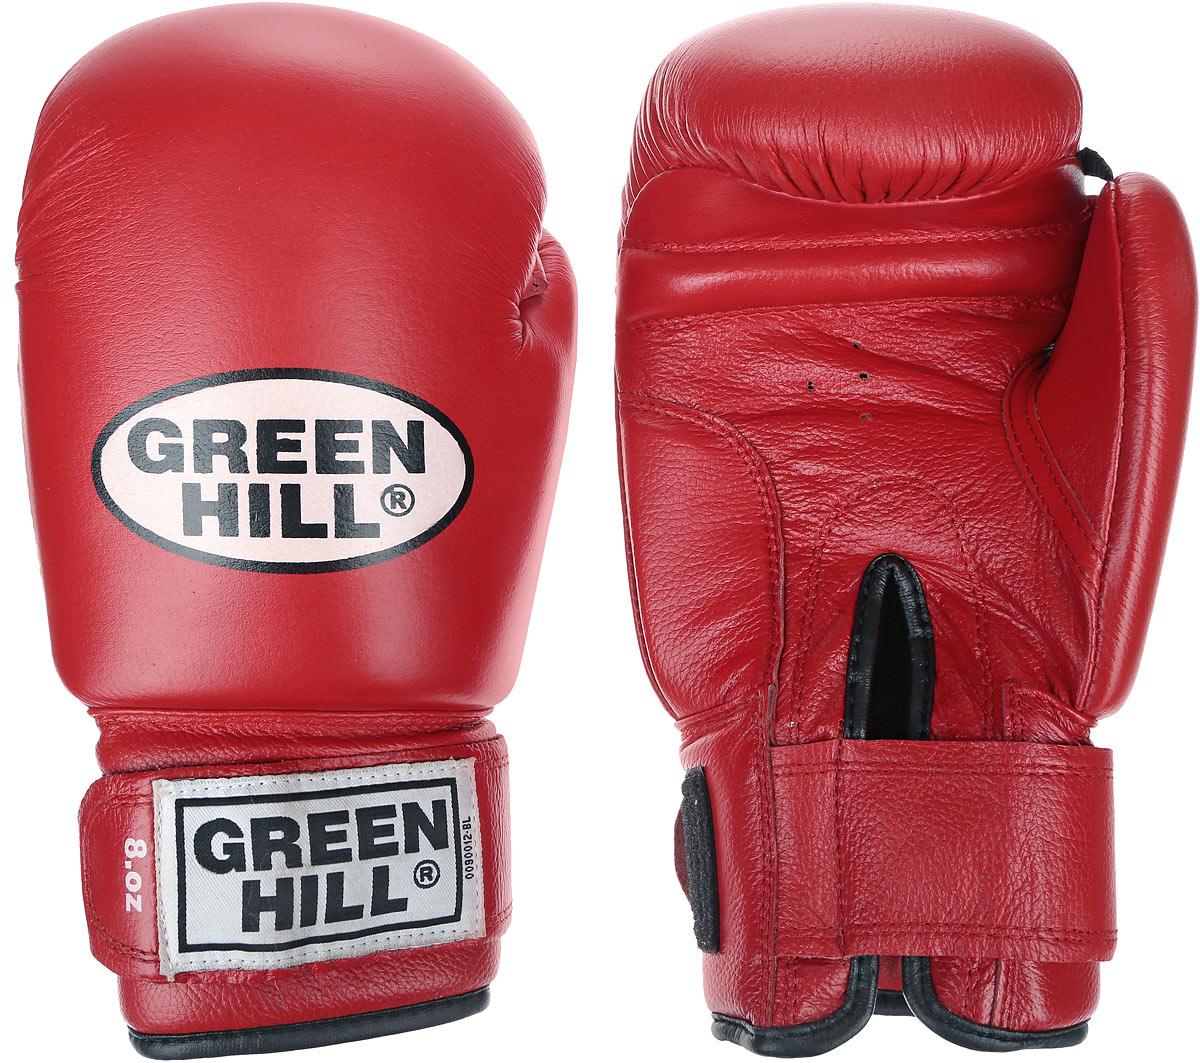 Перчатки боксерские Green Hill Tiger, цвет: красный, белый. Вес 8 унций. BGT-2010сRivaCase 7560 greyБоевые боксерские перчатки Green Hill Tiger применяются как для соревнований, так и для тренировок. Верх выполнен из натуральной кожи, вкладыш - предварительно сформированный пенополиуретан. Манжет на липучке способствует быстрому и удобному надеванию перчаток, плотно фиксирует перчатки на руке. Отверстия в области ладони позволяет создать максимально комфортный терморежим во время занятий.В перчатках применяется технология антинокаут.